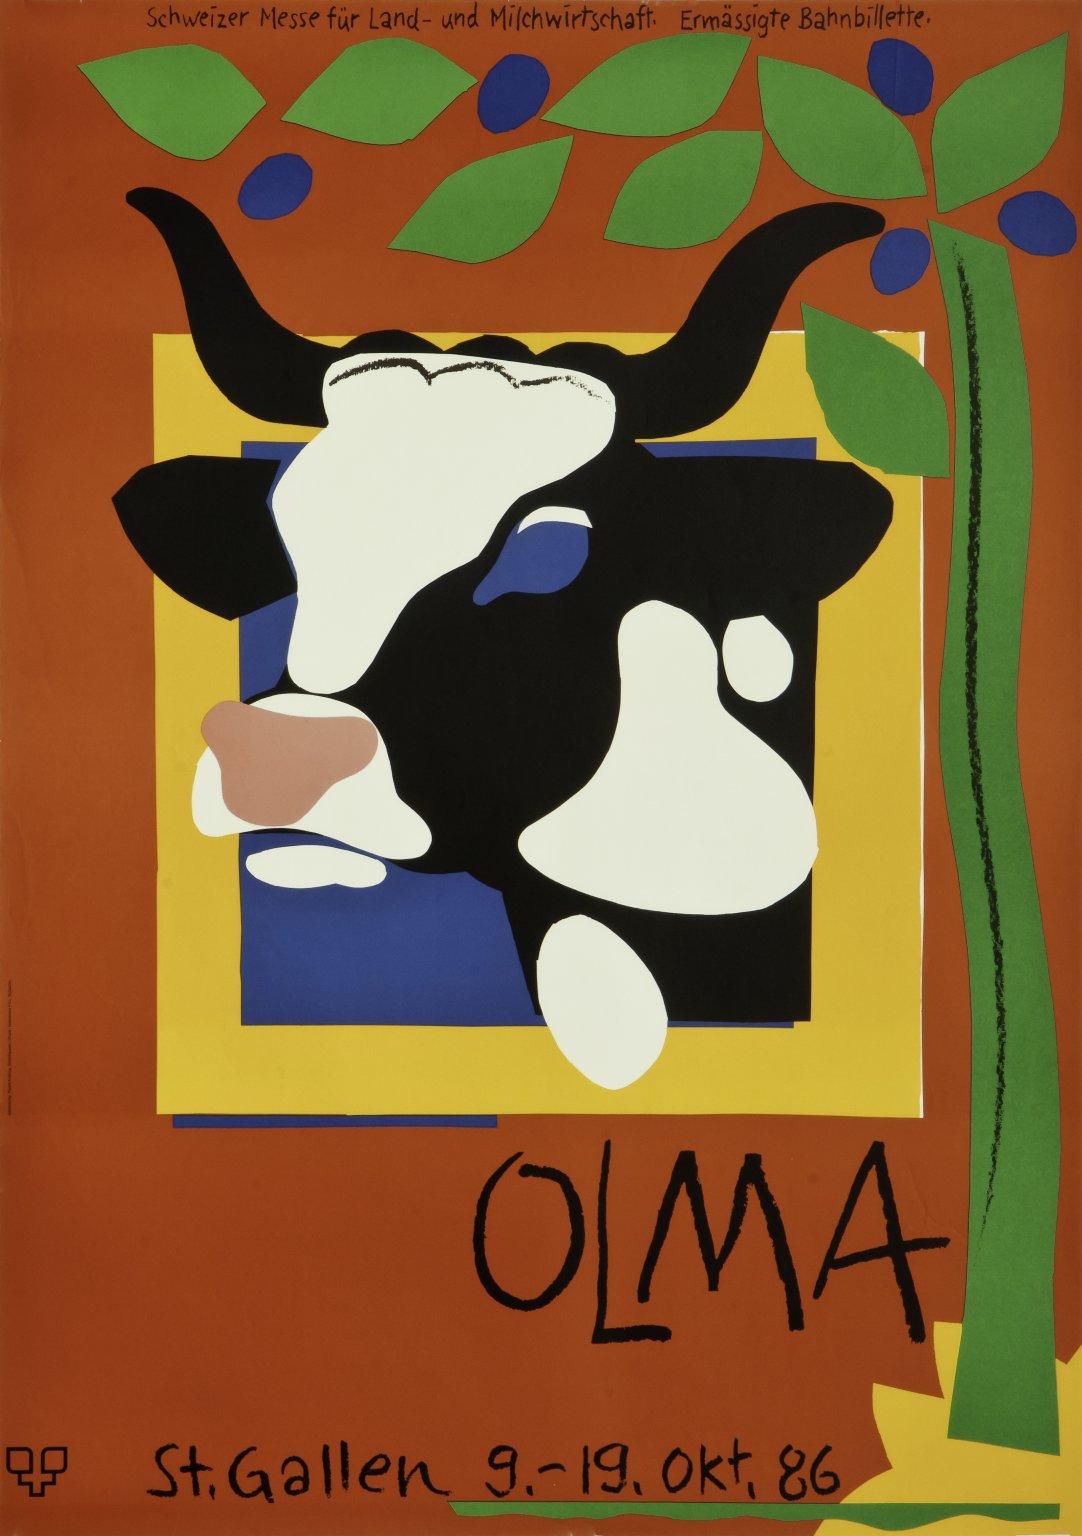 OLMA 1986